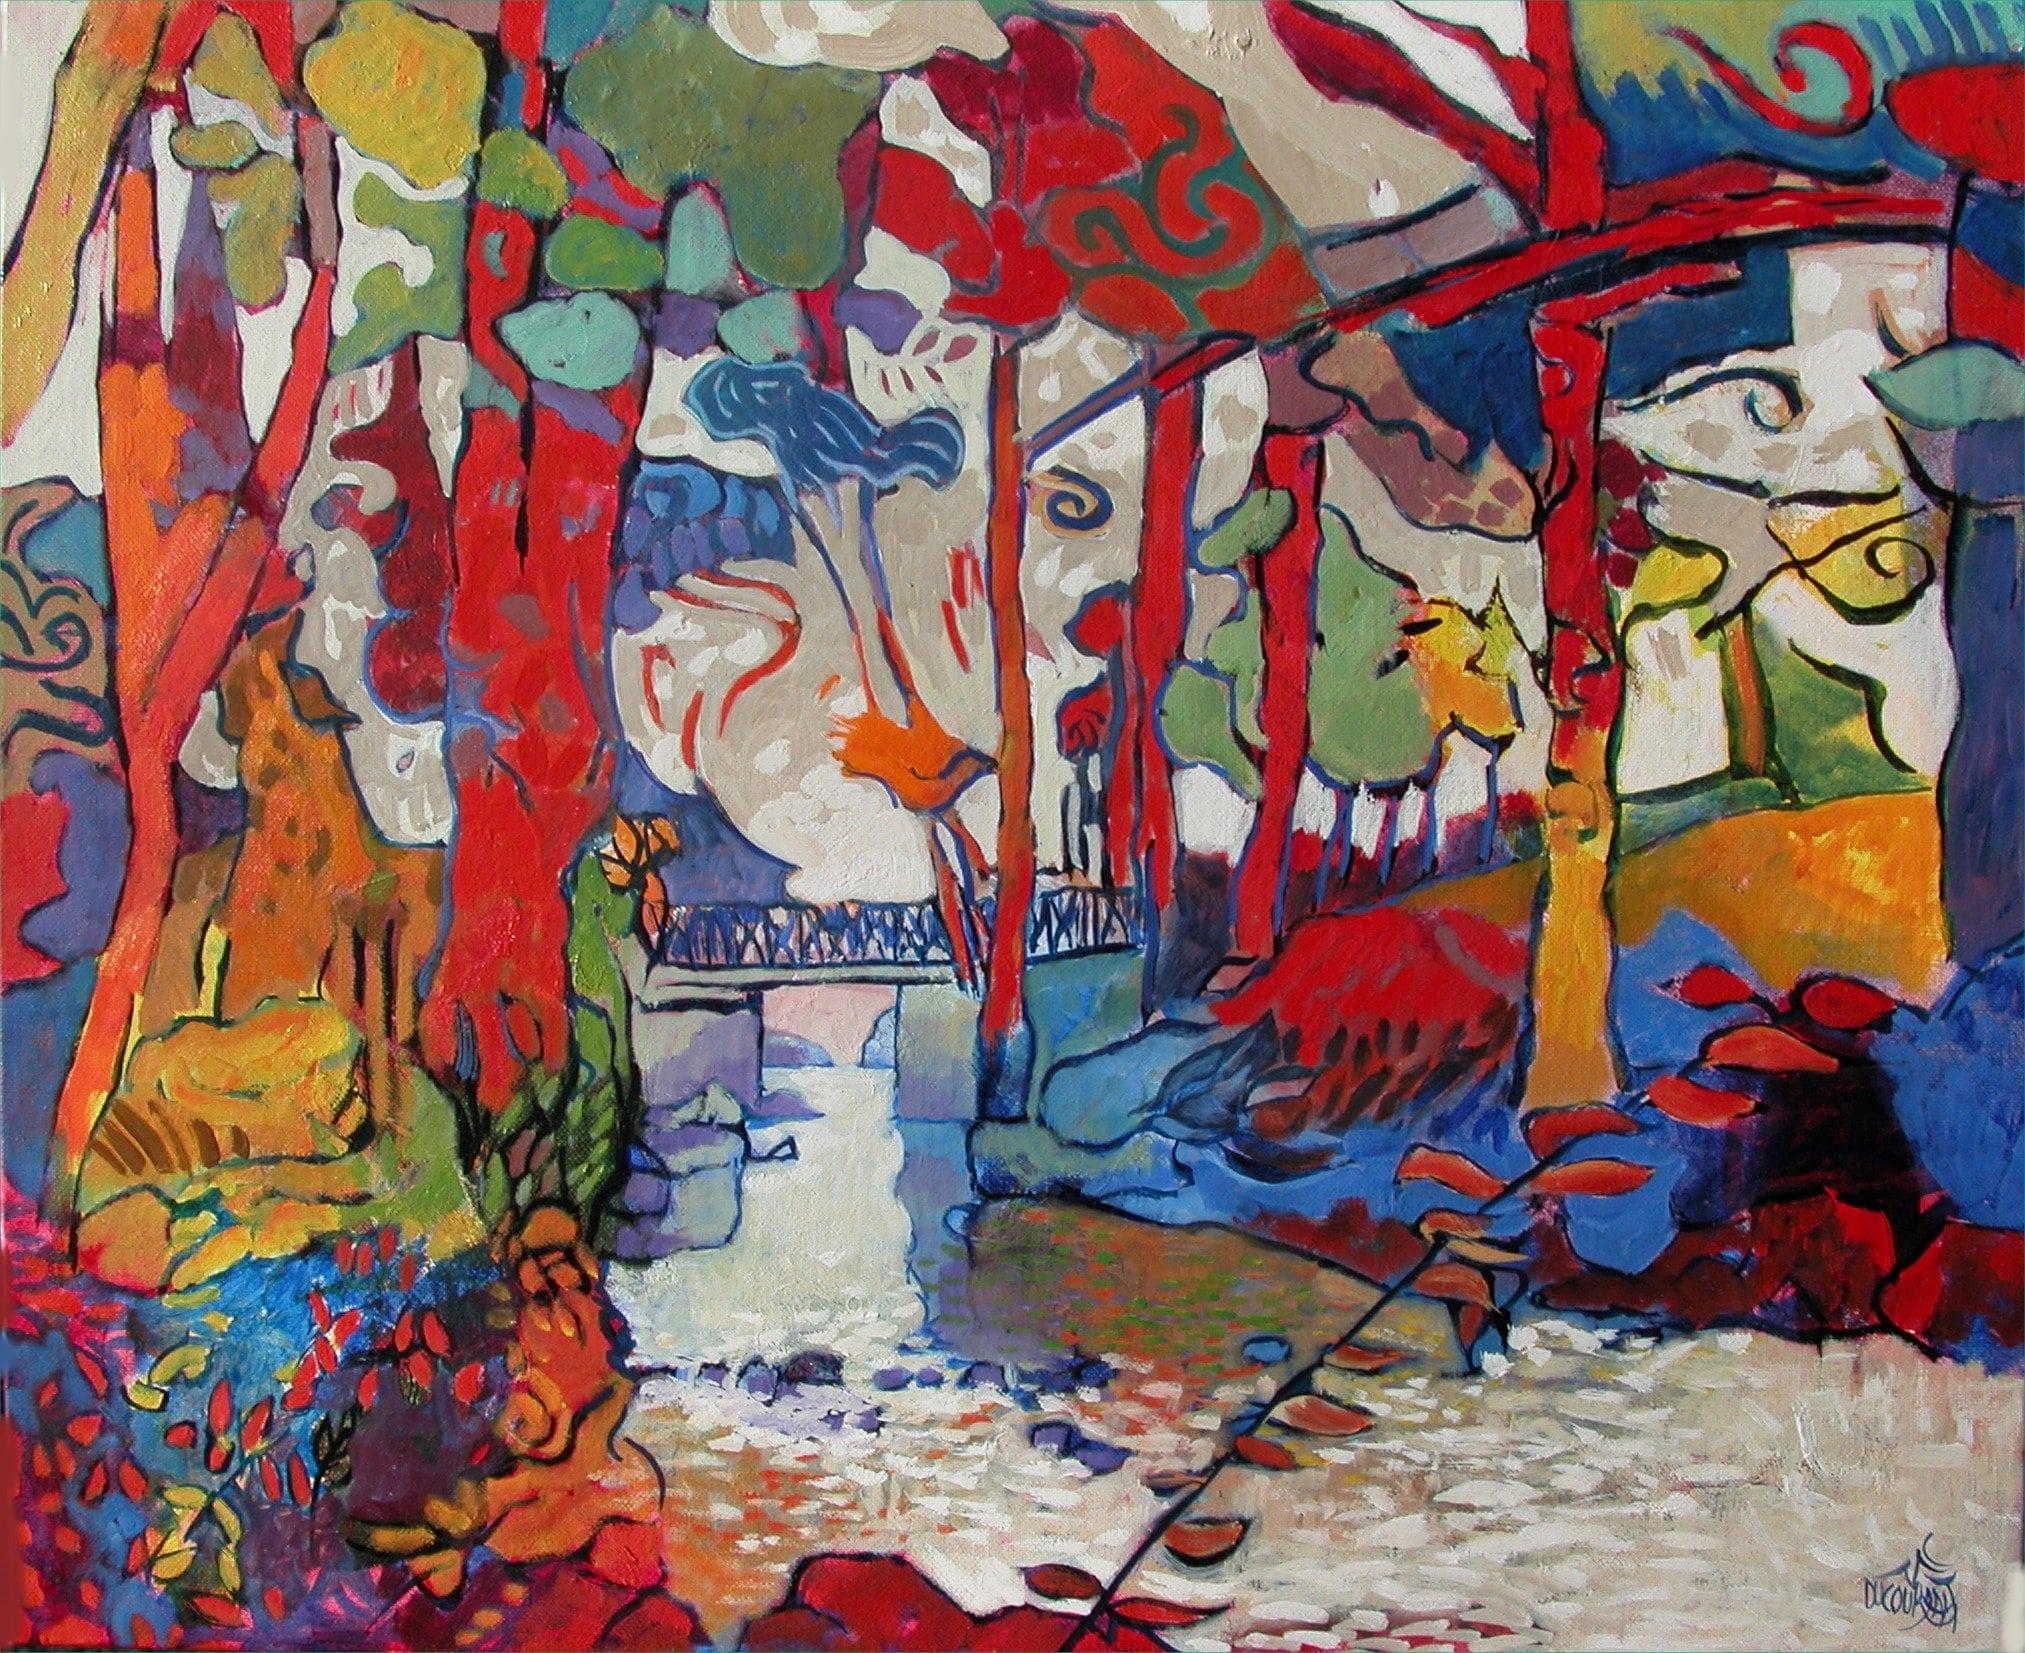 L'orchestre fauve du Bois d'Amour - 61x50cm - 2012